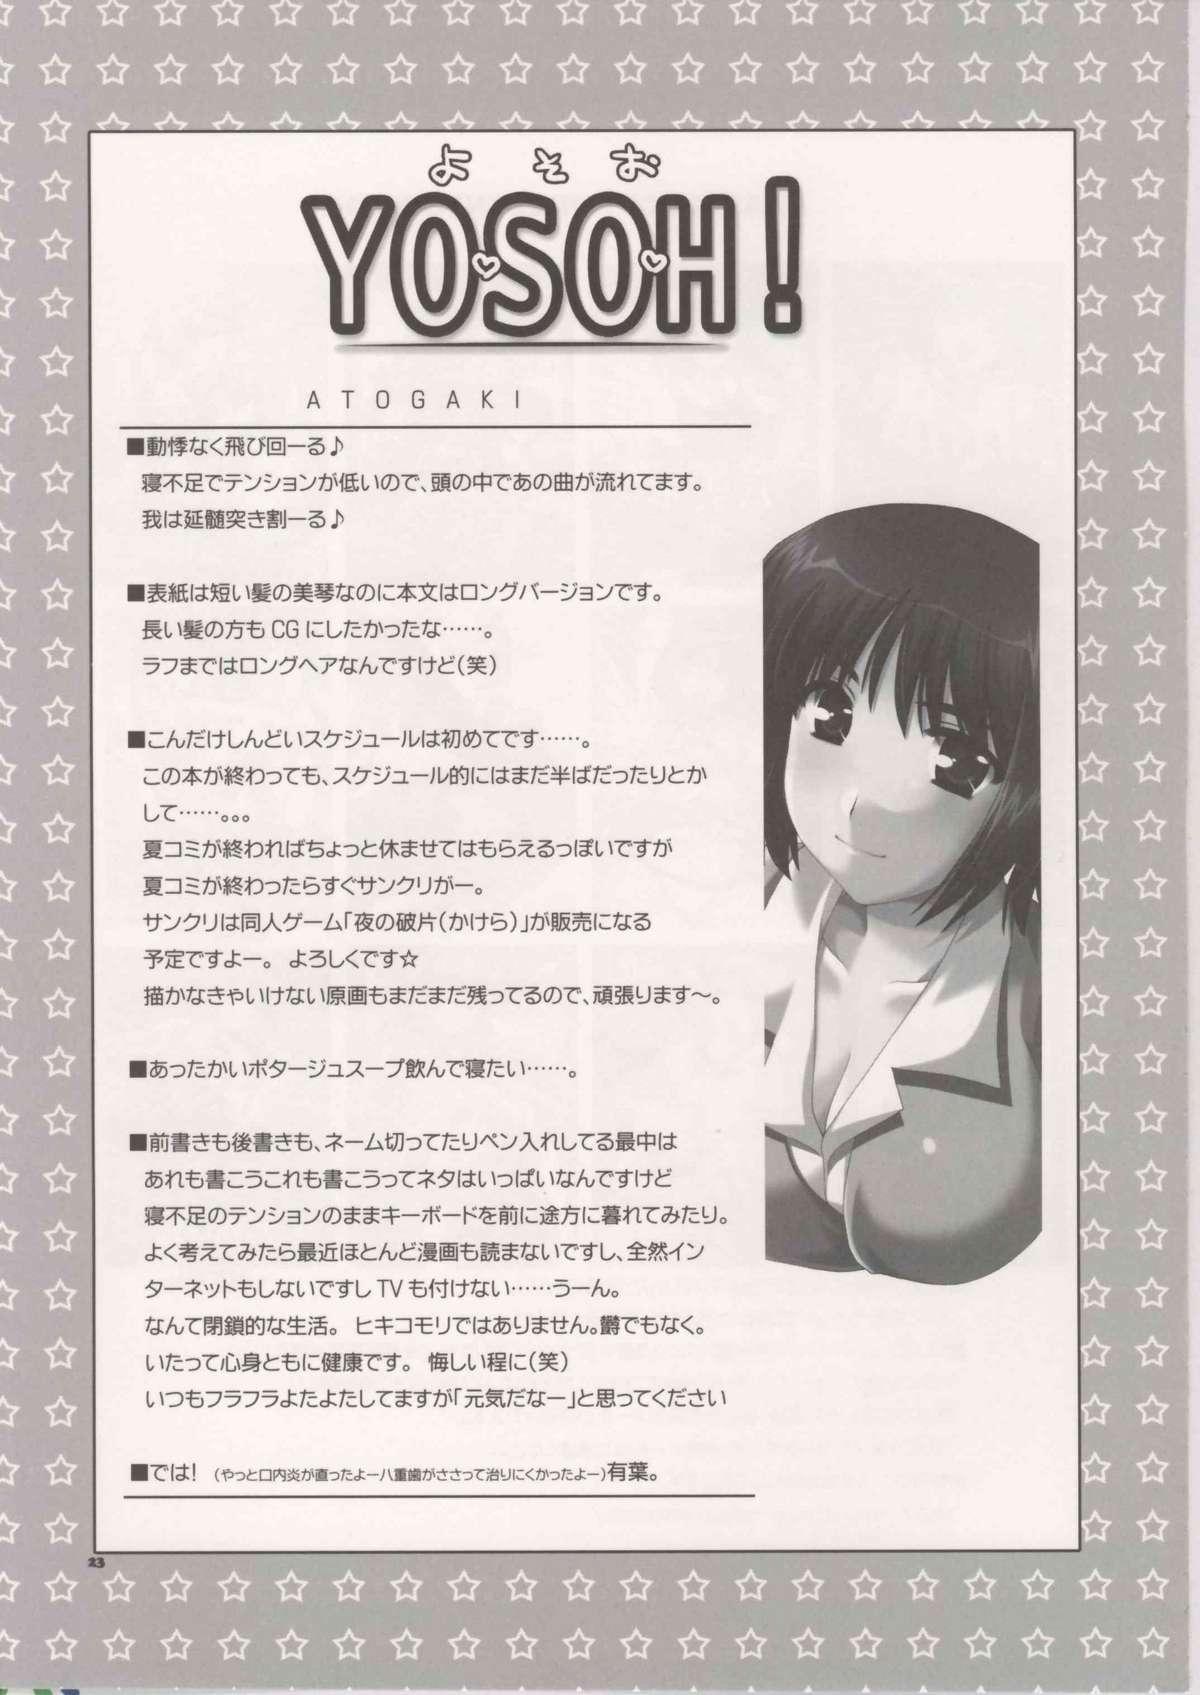 YOSOH! 21